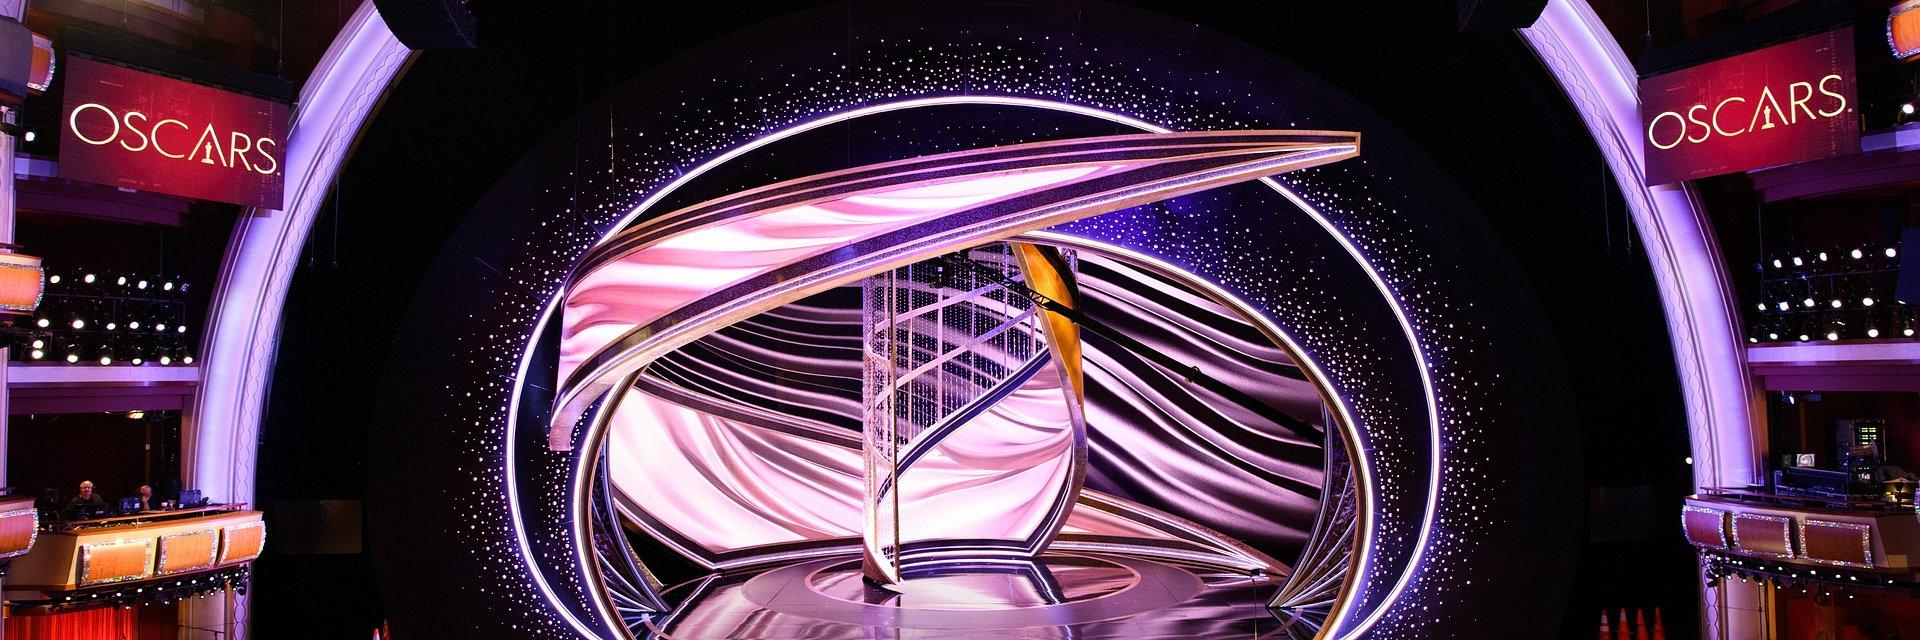 40.000 kryształów marki Swarovski w niezwykłej scenografii podczas 92 gali wręczenia Oscarów 2020